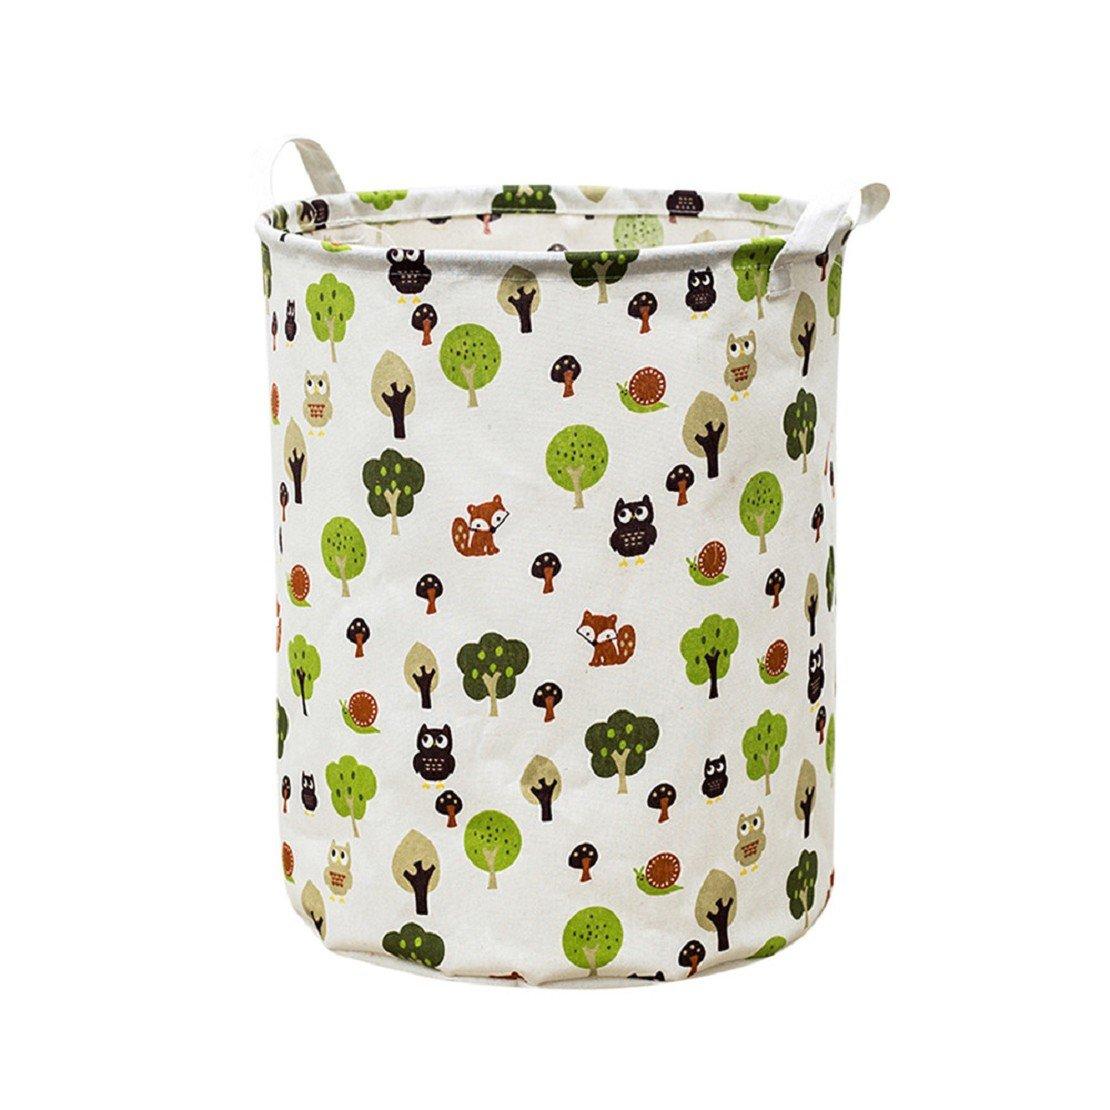 ❤️Amlaiworld Cesta de ropa impermeable del lienzo Cesta de almacenamiento Caja de almacenamiento plegable bolsa de almacenamiento juguetes (A, 44 * 35cm(42L))